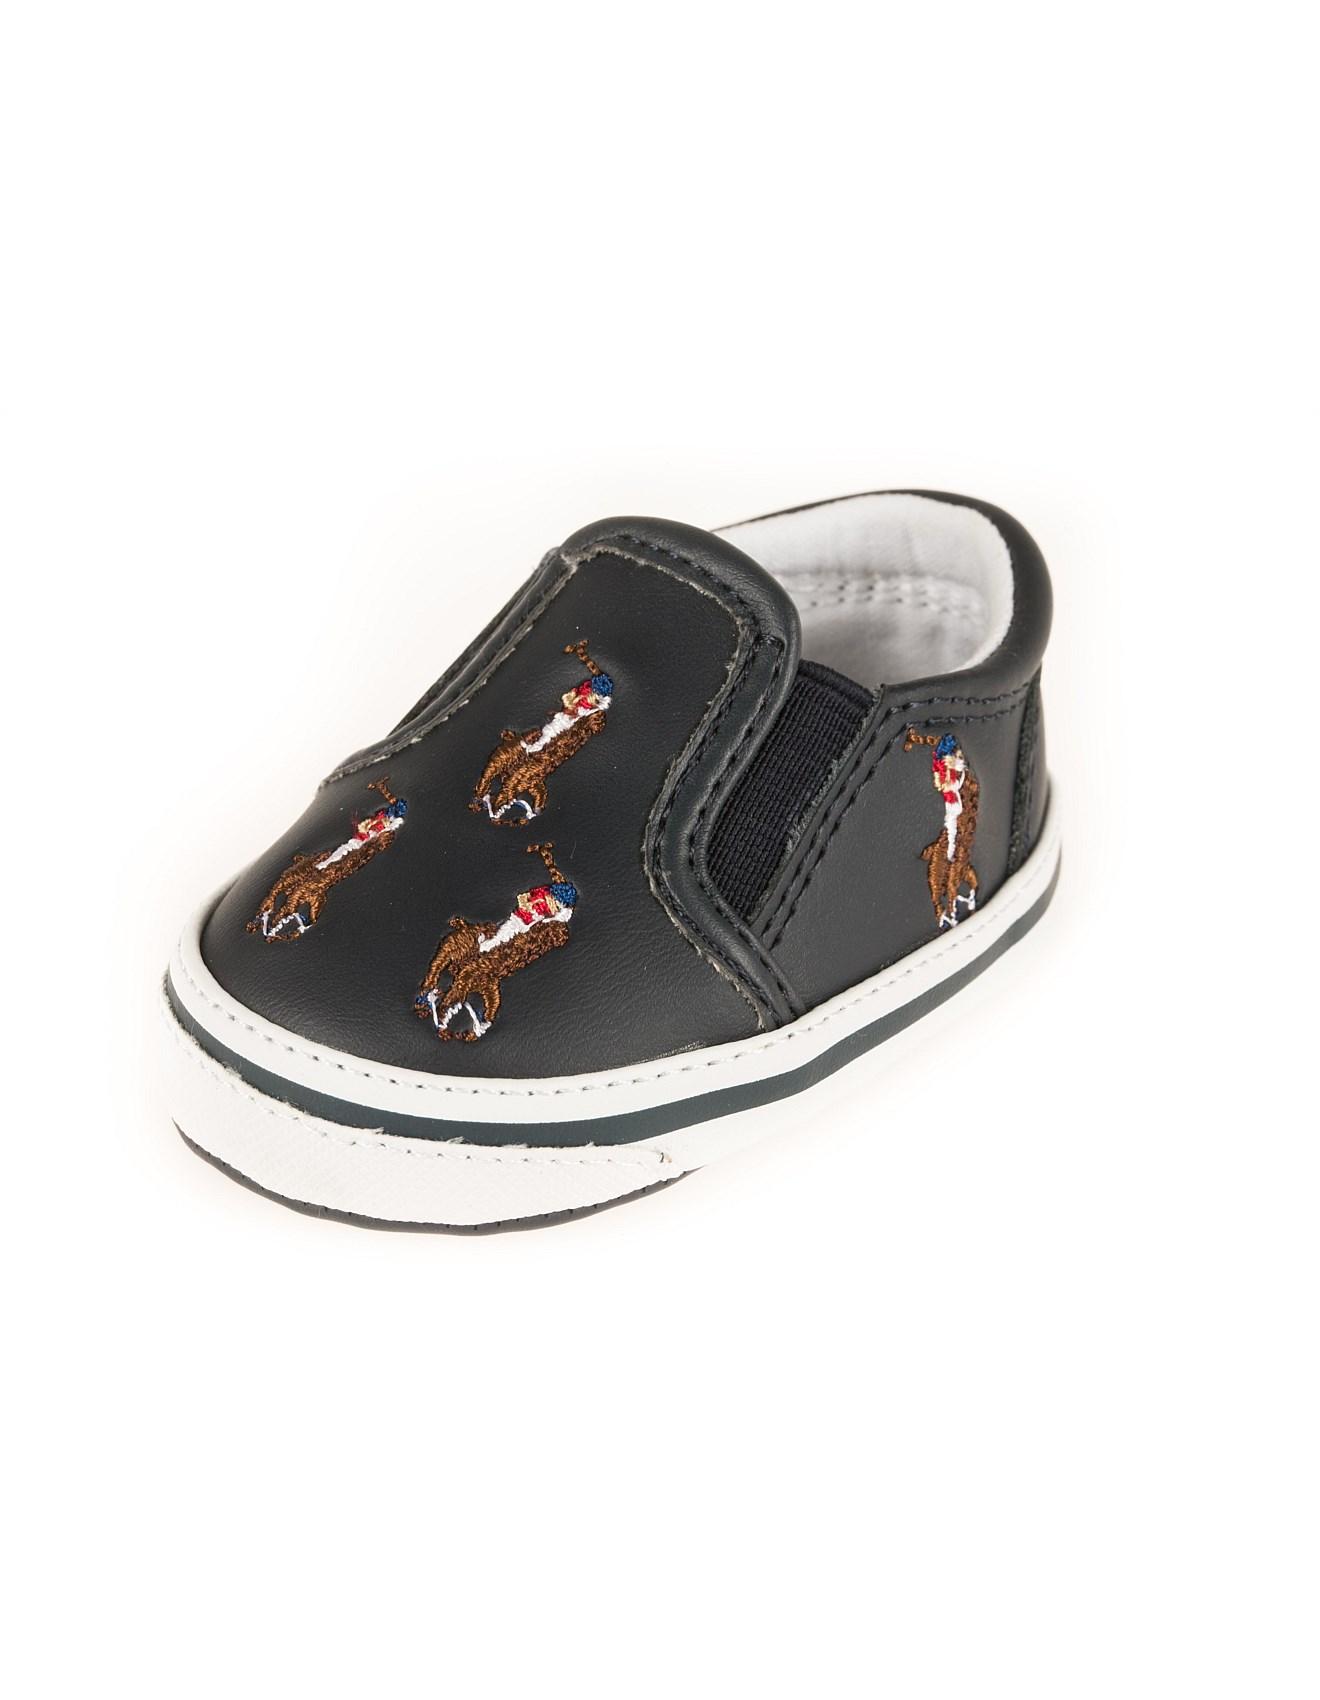 903375b0c0313c Baby Shoes Sale